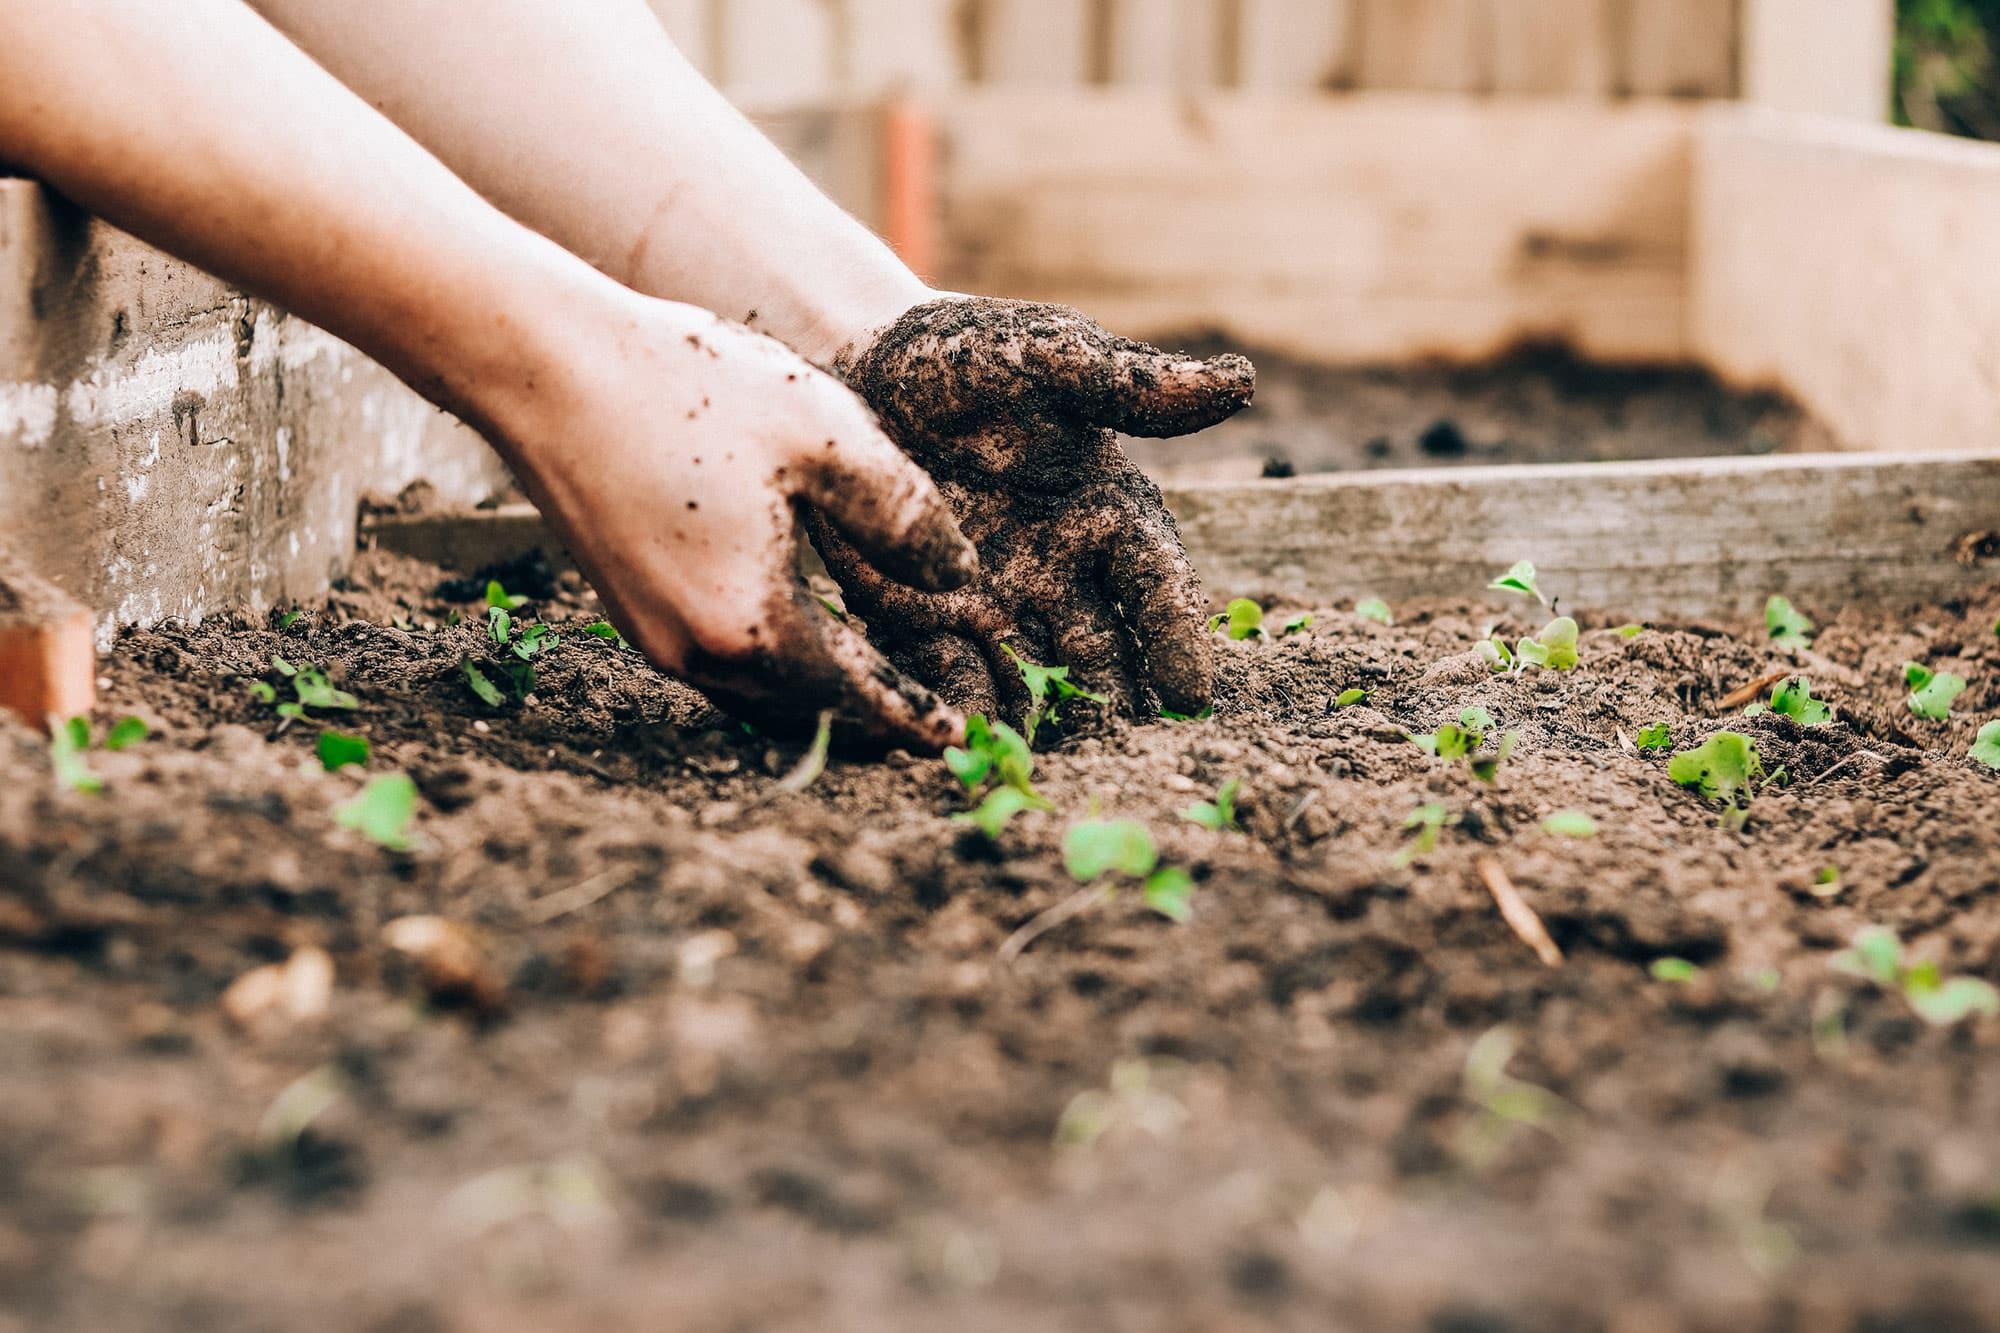 Zwei Hände sind in einem selbstgebauten Blumenbeet und die Pflanzen fangen langsam an zu wachsen